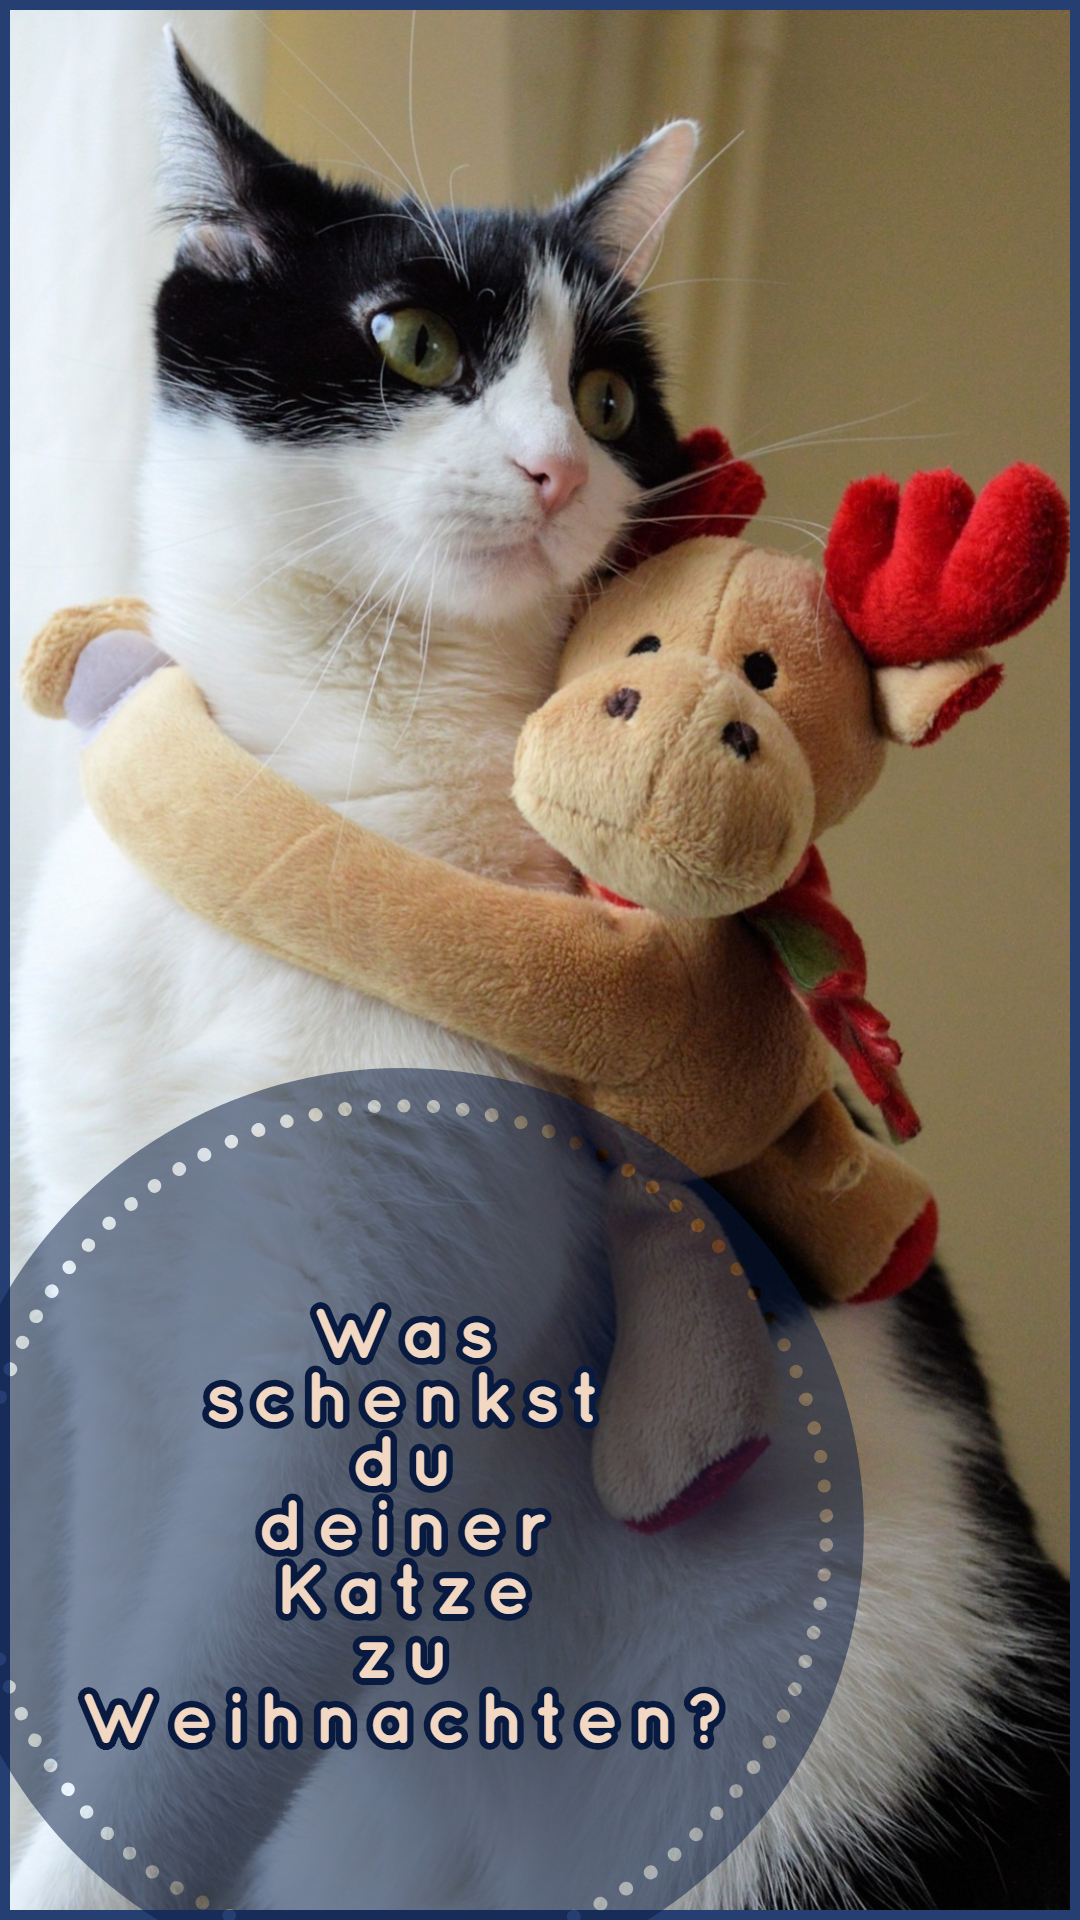 Wunderbare Weihnachtsgeschenke für Katzen